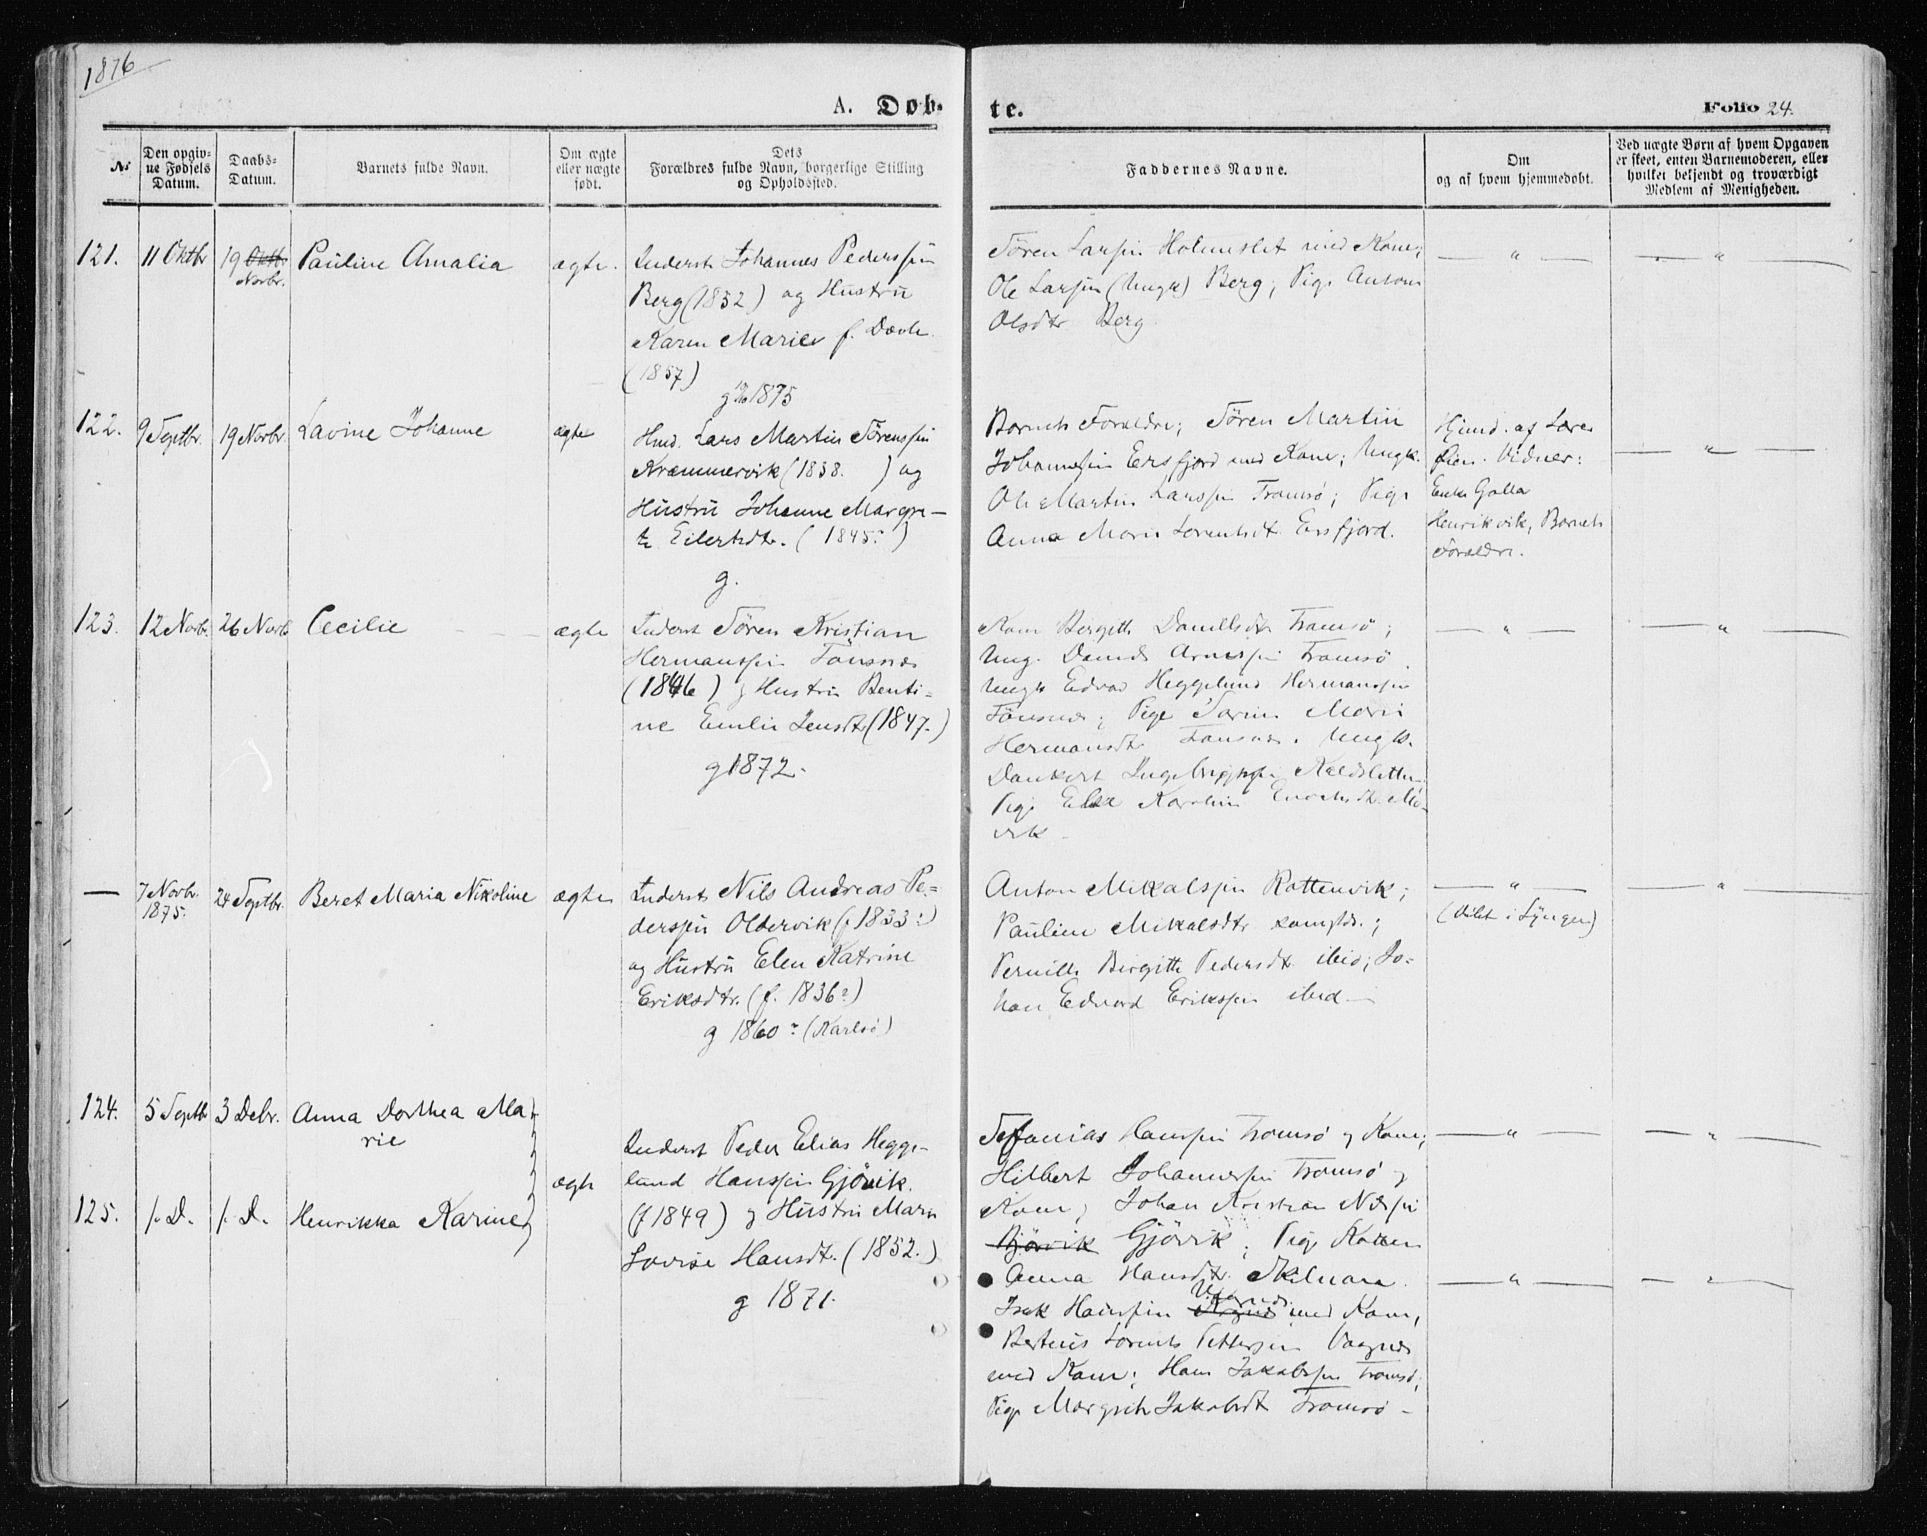 SATØ, Tromsøysund sokneprestkontor, G/Ga/L0003kirke: Ministerialbok nr. 3, 1875-1880, s. 24